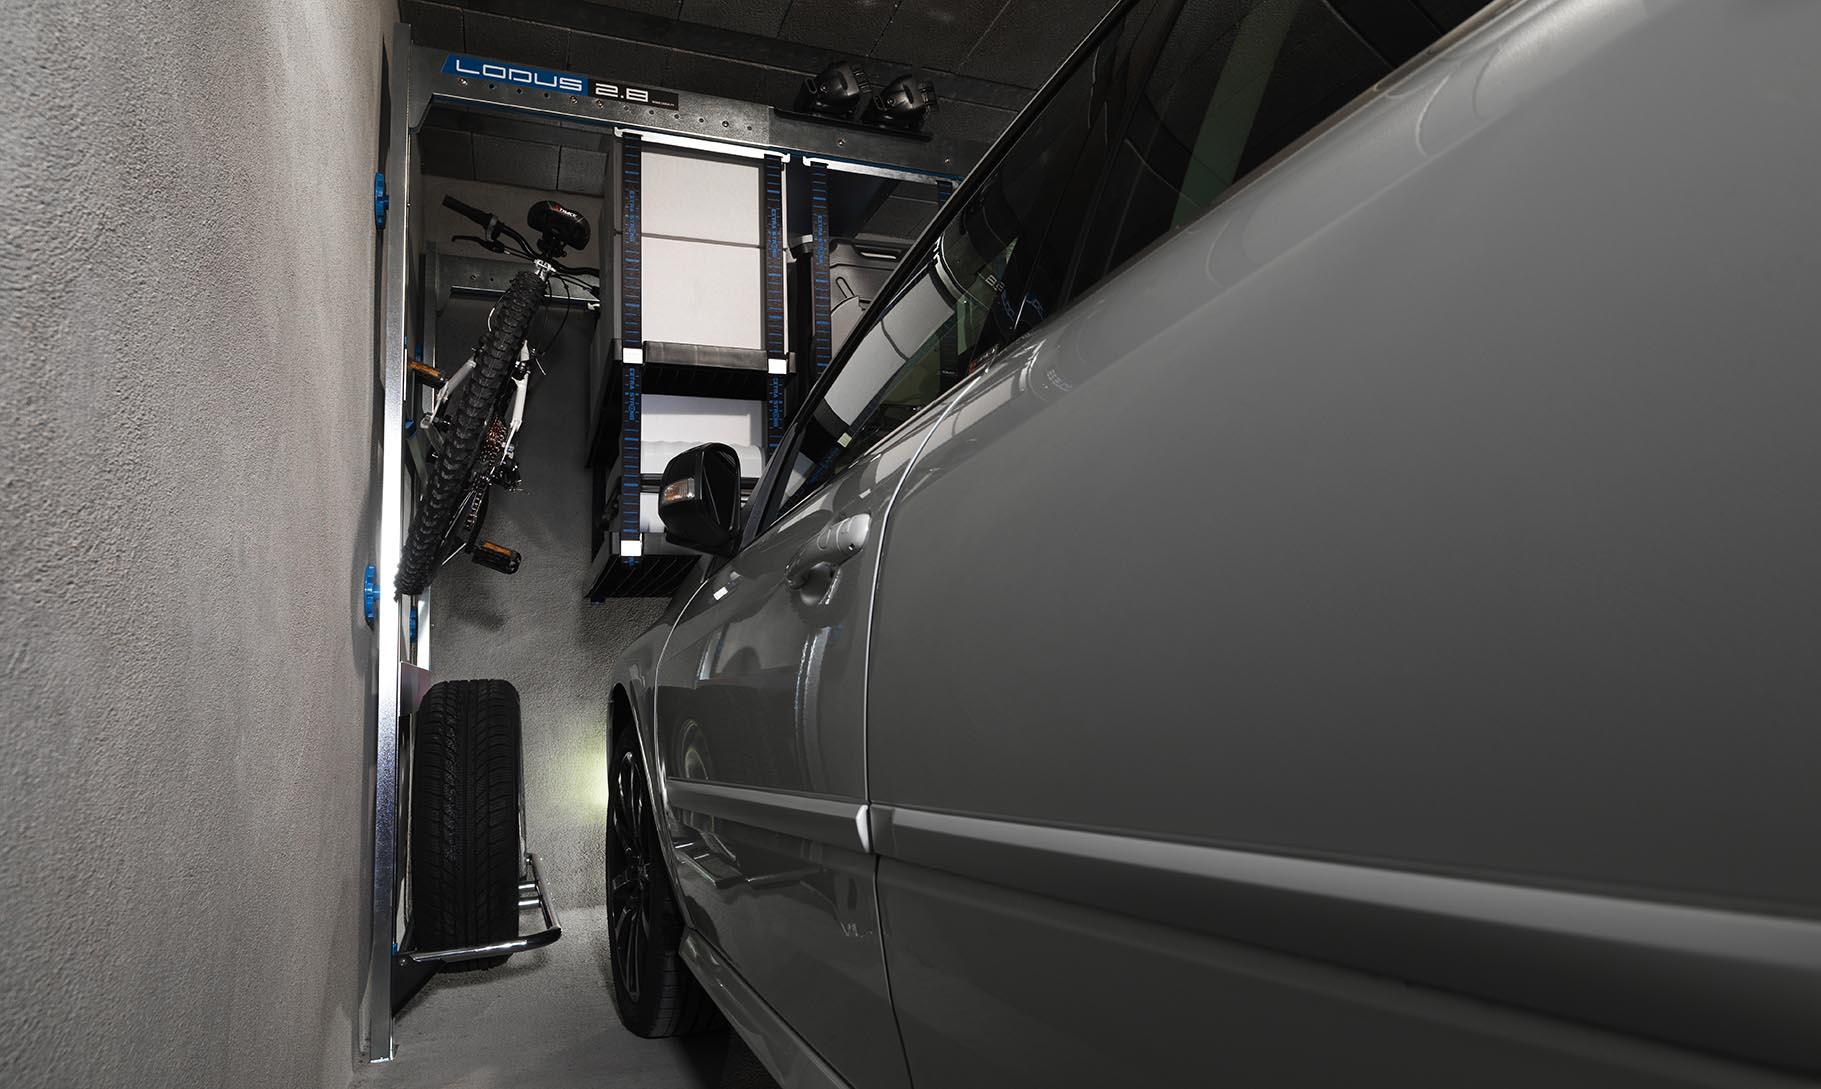 Rangement du garage optimisé avec voiture grâce à Lodus